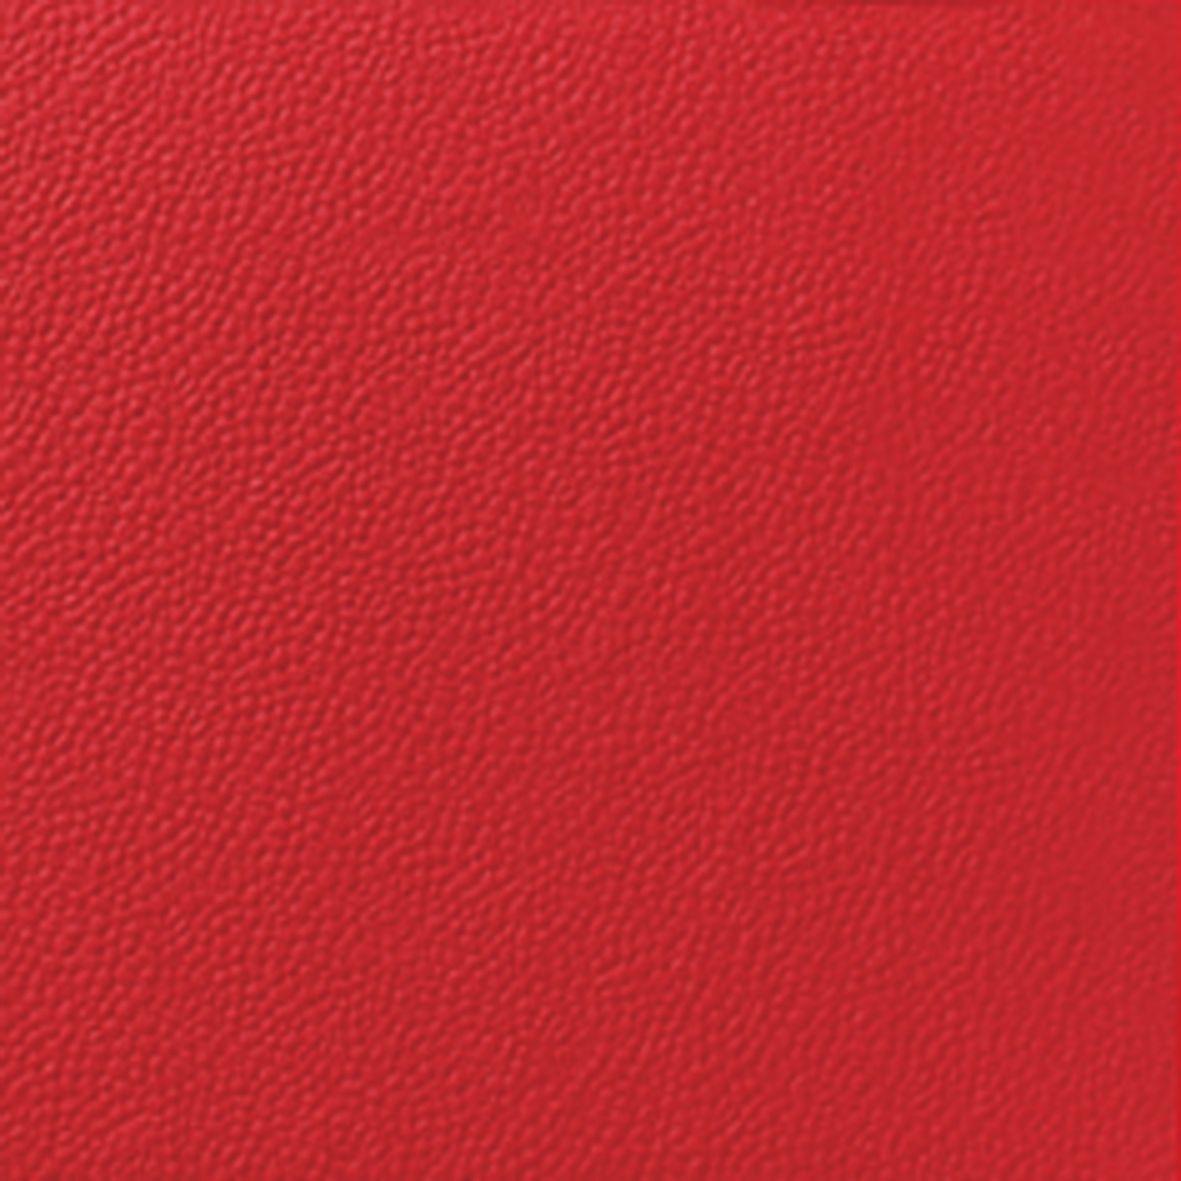 Салфетки бумажные Duni, 1-слойные, цвет: красный, 33 х 33 см, 80 штC0042416Многослойные бумажные салфетки изготовлены из экологически чистого, высококачественного сырья - 100% целлюлозы. Салфетки выполнены в оригинальном и современном стиле, прекрасно сочетаются с любым интерьером и всегда будут прекрасным и незаменимым украшением стола.